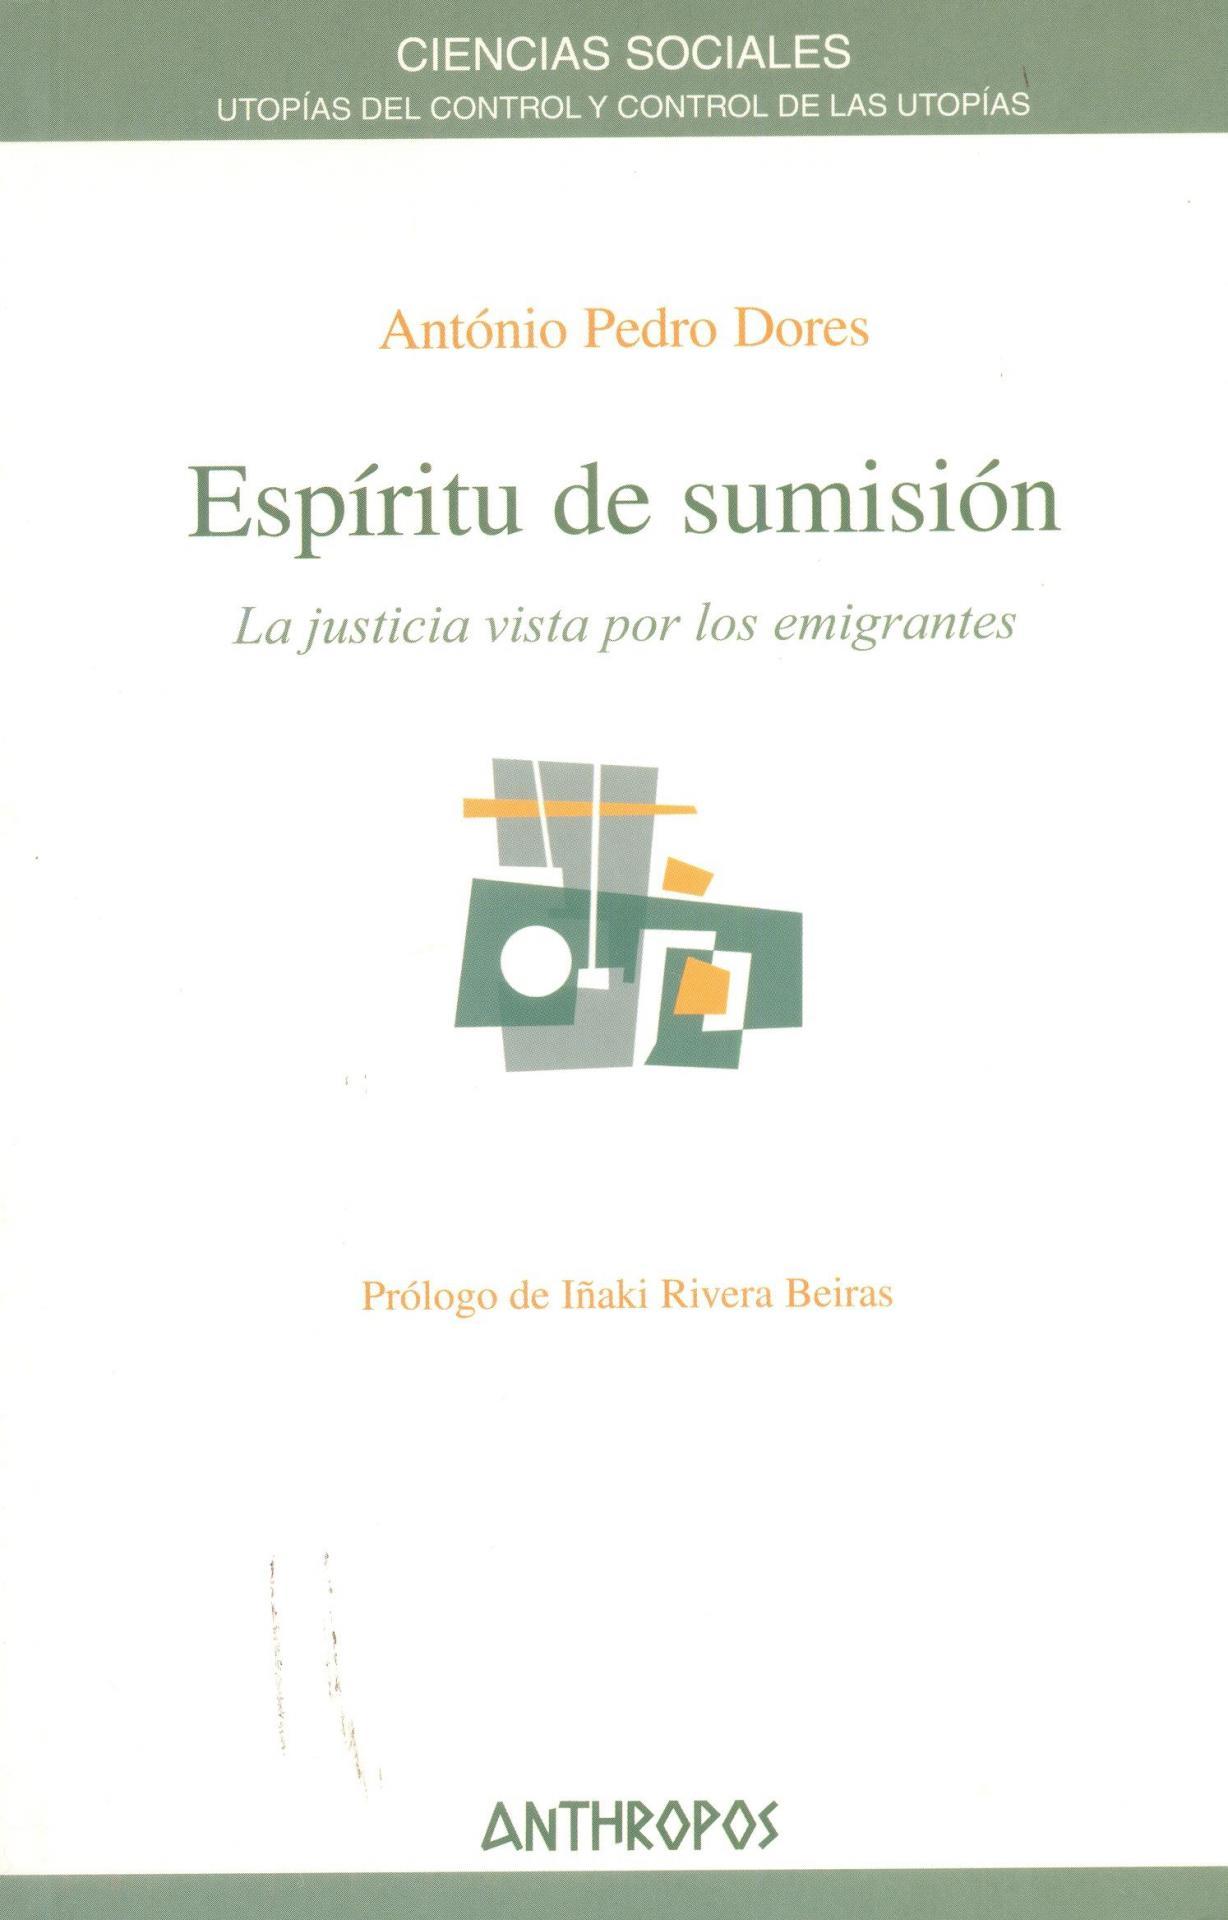 ESPÍRITU DE SUMISIÓN. La justicia vista por los emigrantes. Pedro, A